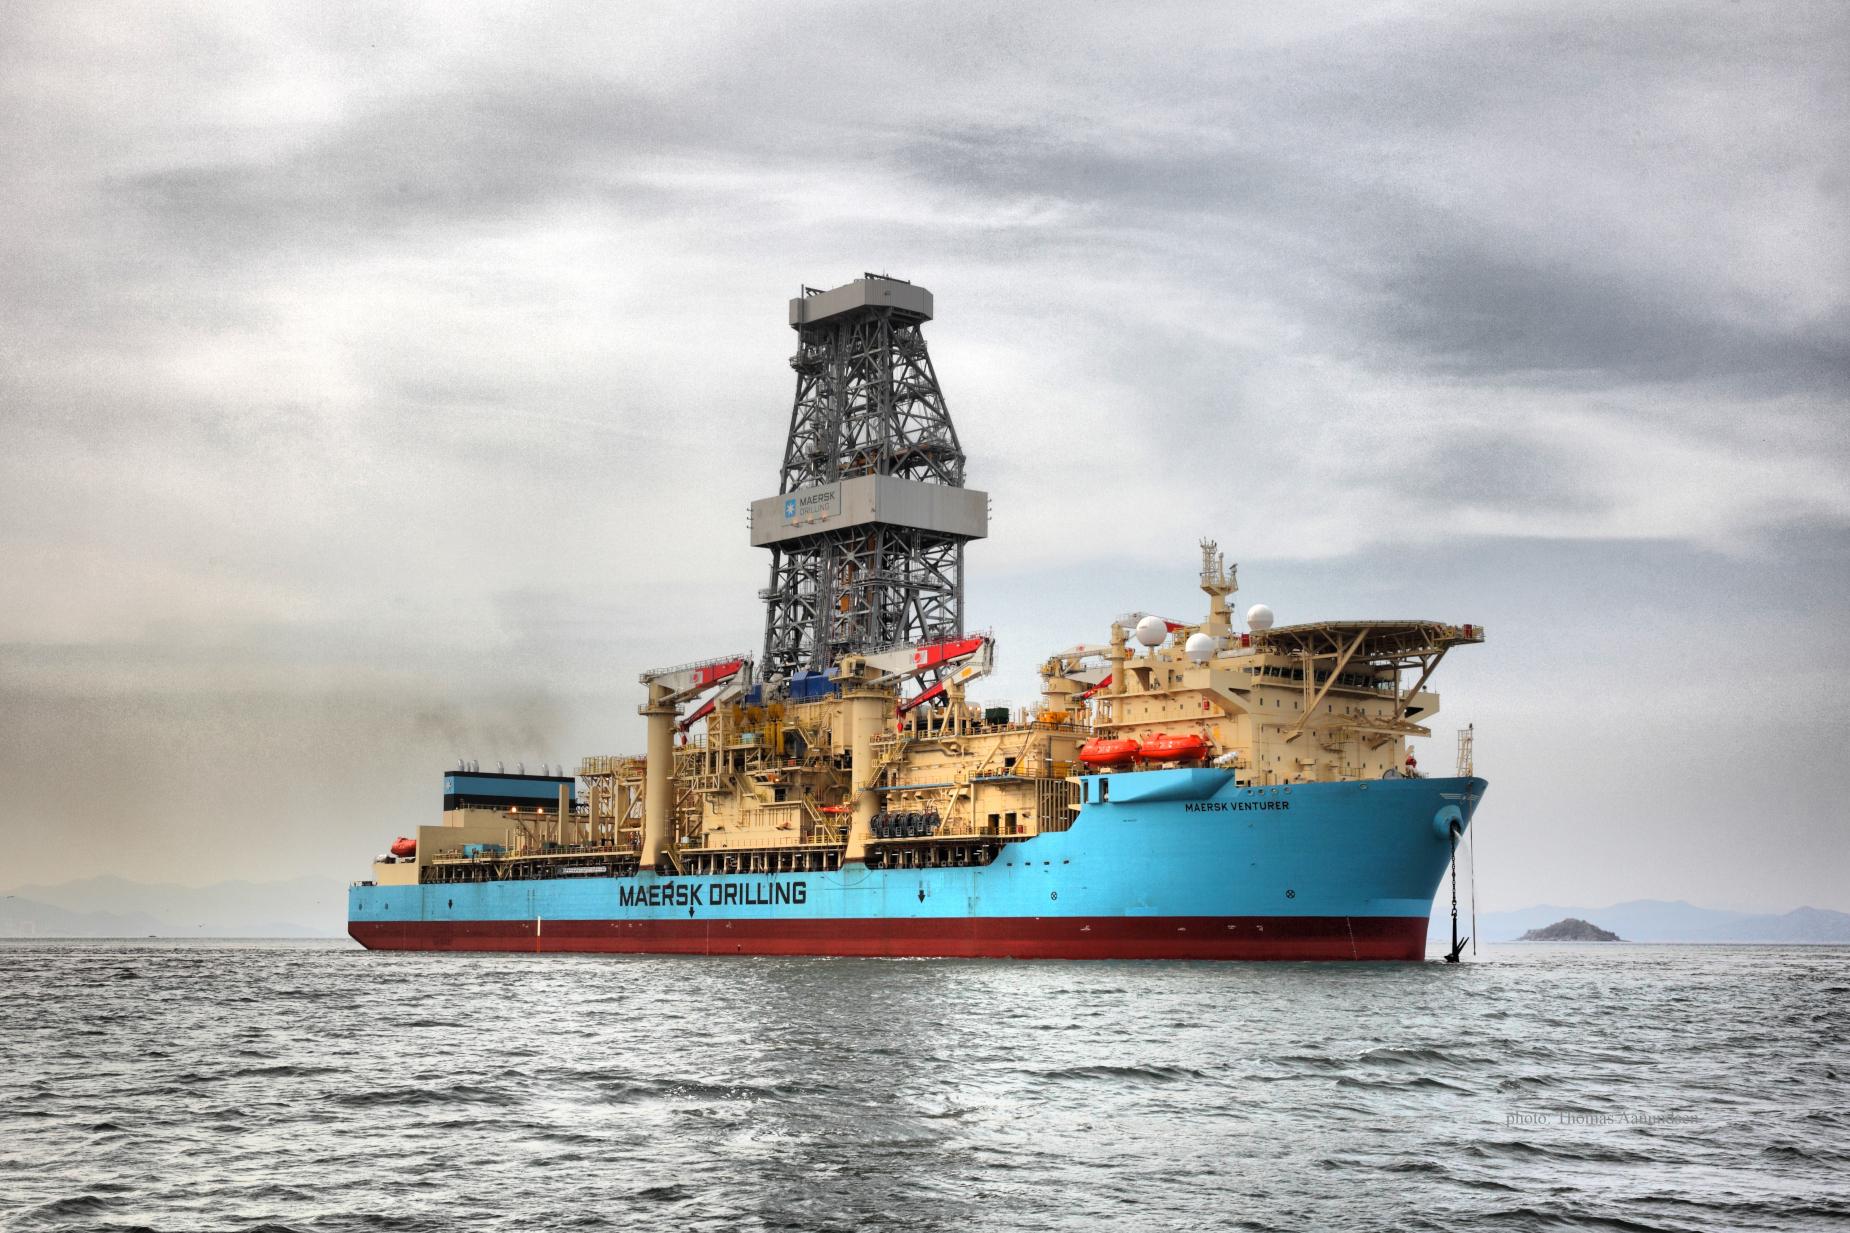 W nowym centrum usług biznesowych będzie praca dla najlepszych specjalistów. Maersk Drilling inwestuje w Gdańsku.